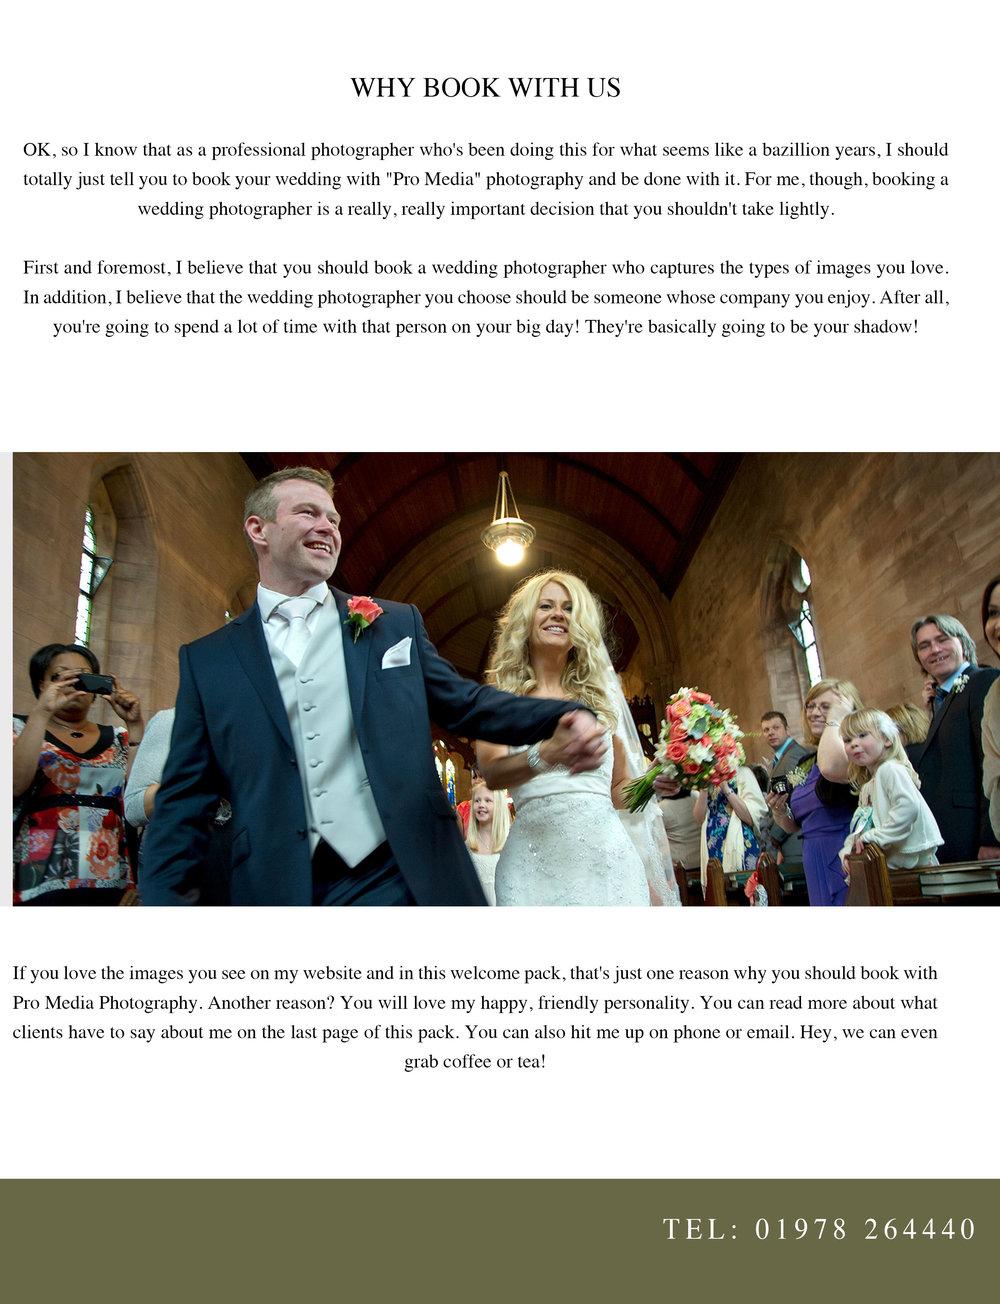 4 - BP4U - Wedding Client Guide - PG 6.jpg